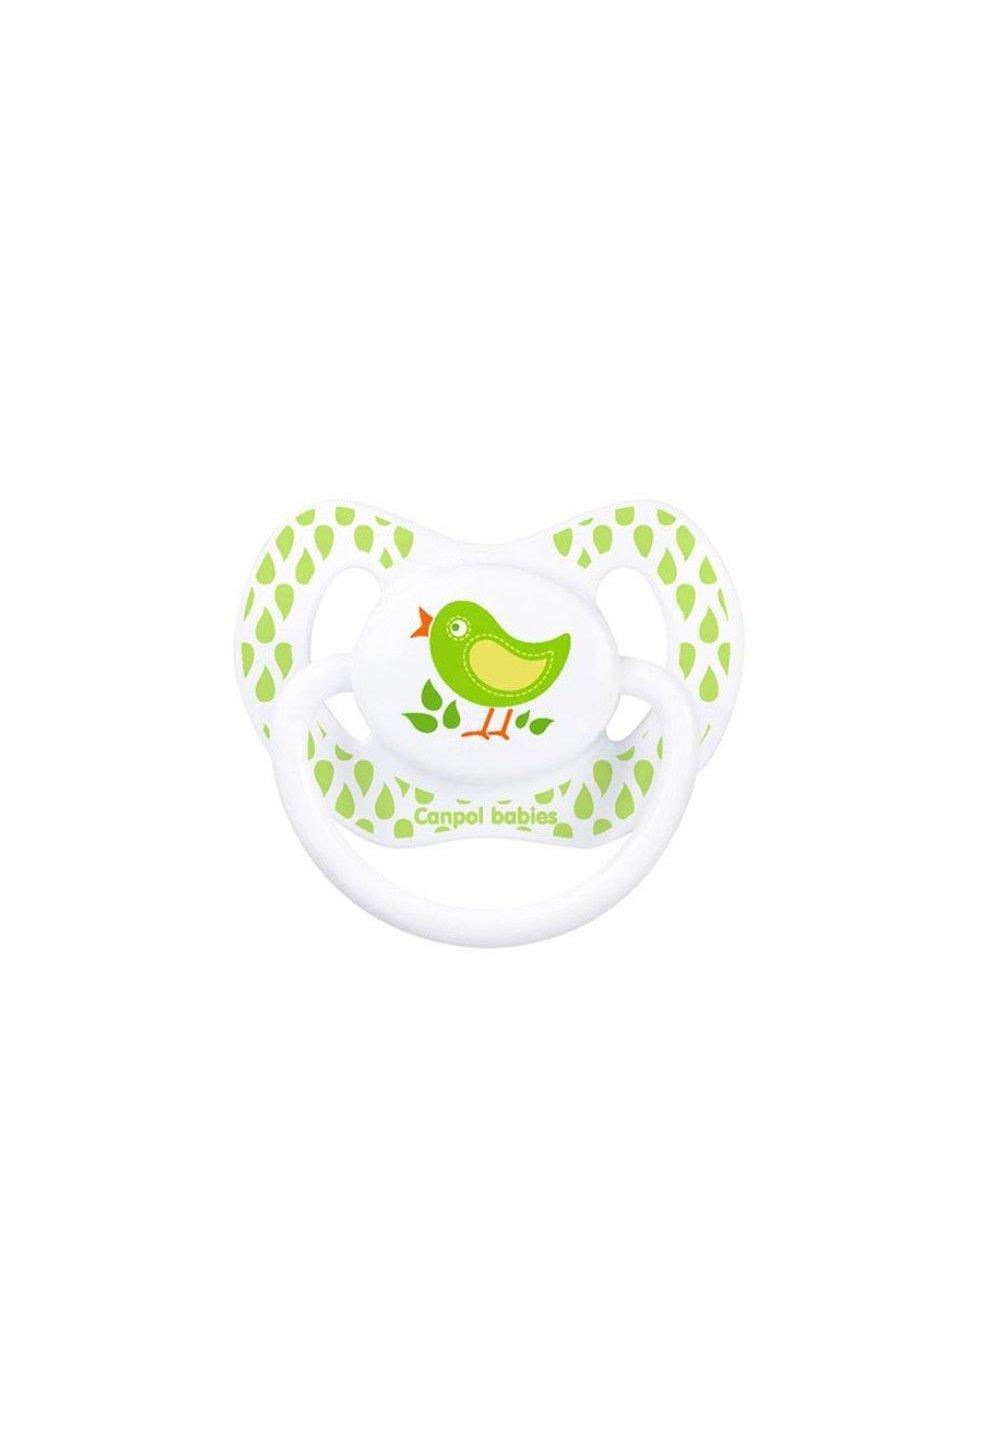 Suzeta Canpol cu tetina din silicon, 0-6 luni, verde imagine